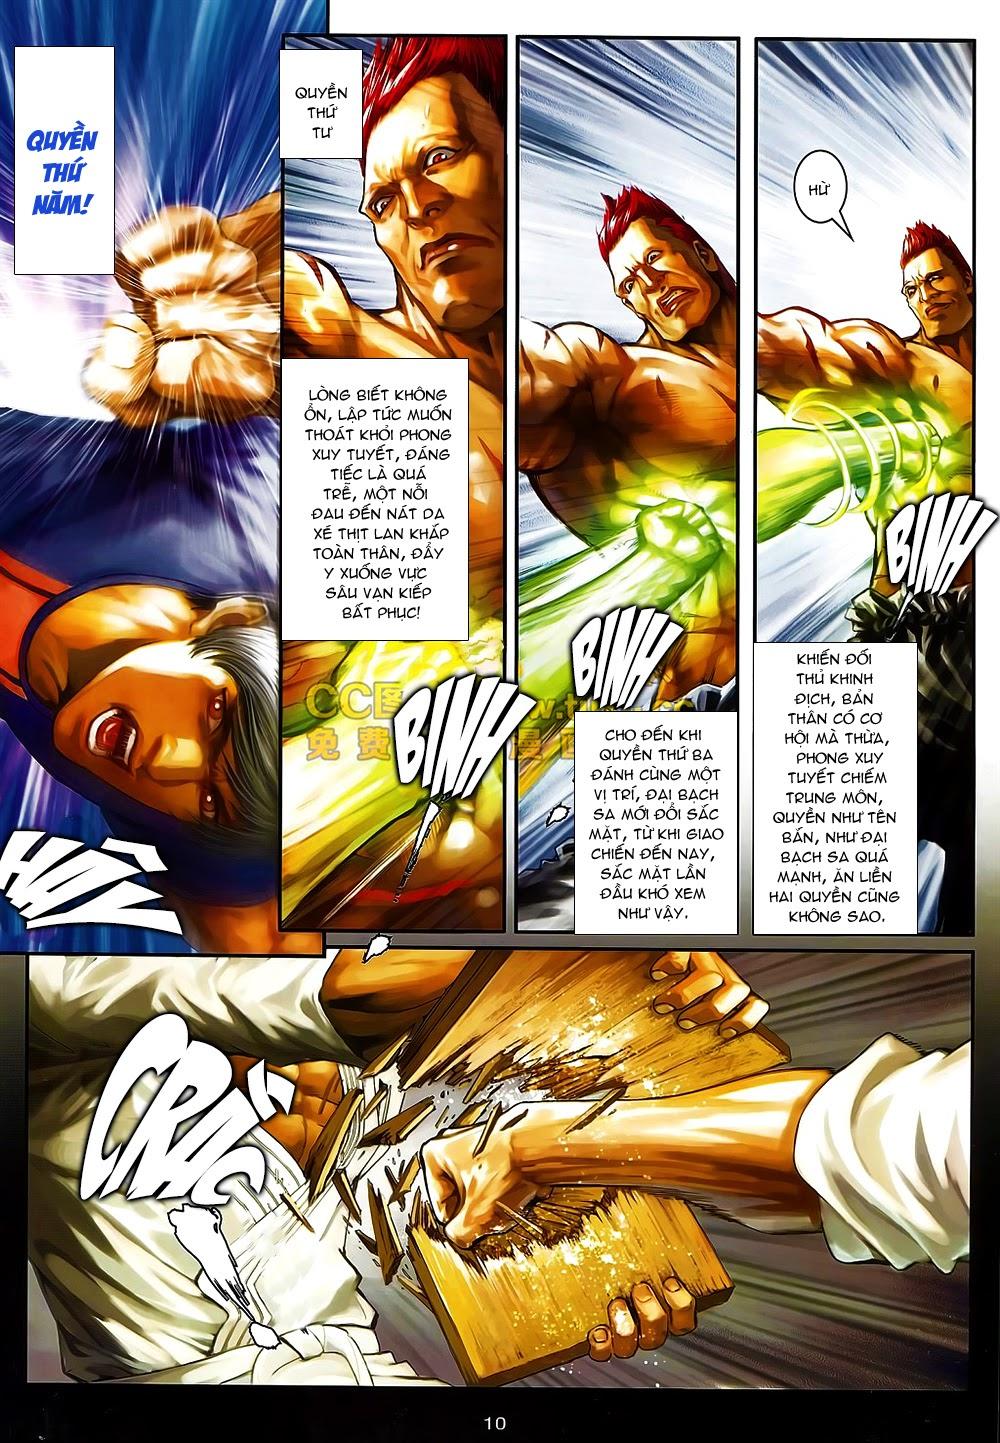 Quyền Đạo chapter 6 trang 10